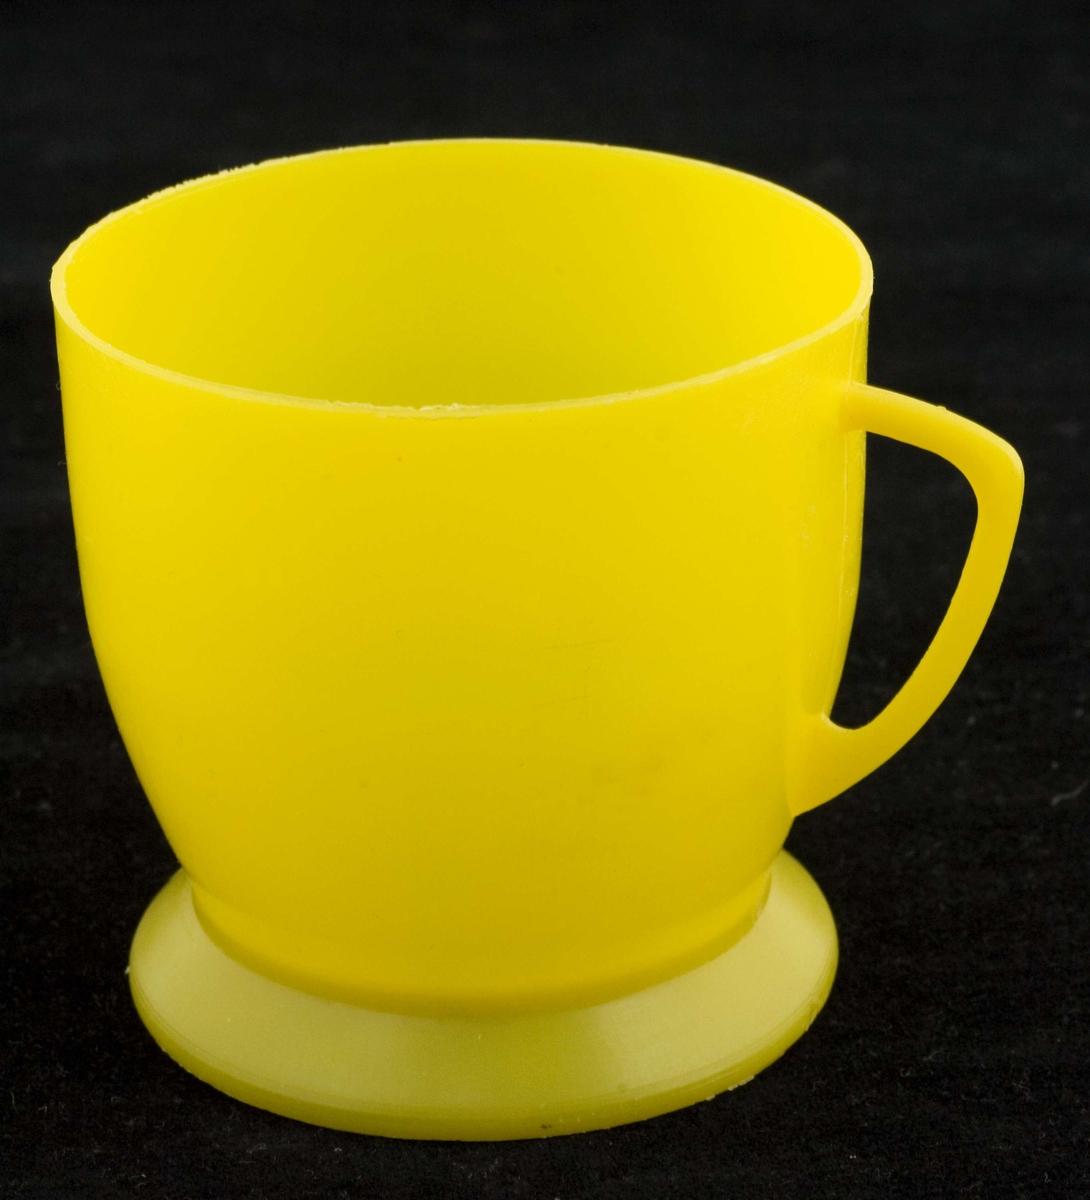 Målebeger med hank i gul plast. Desiliterangivelse på innsiden. Navn på vaskemiddelprodusent står på undersiden.